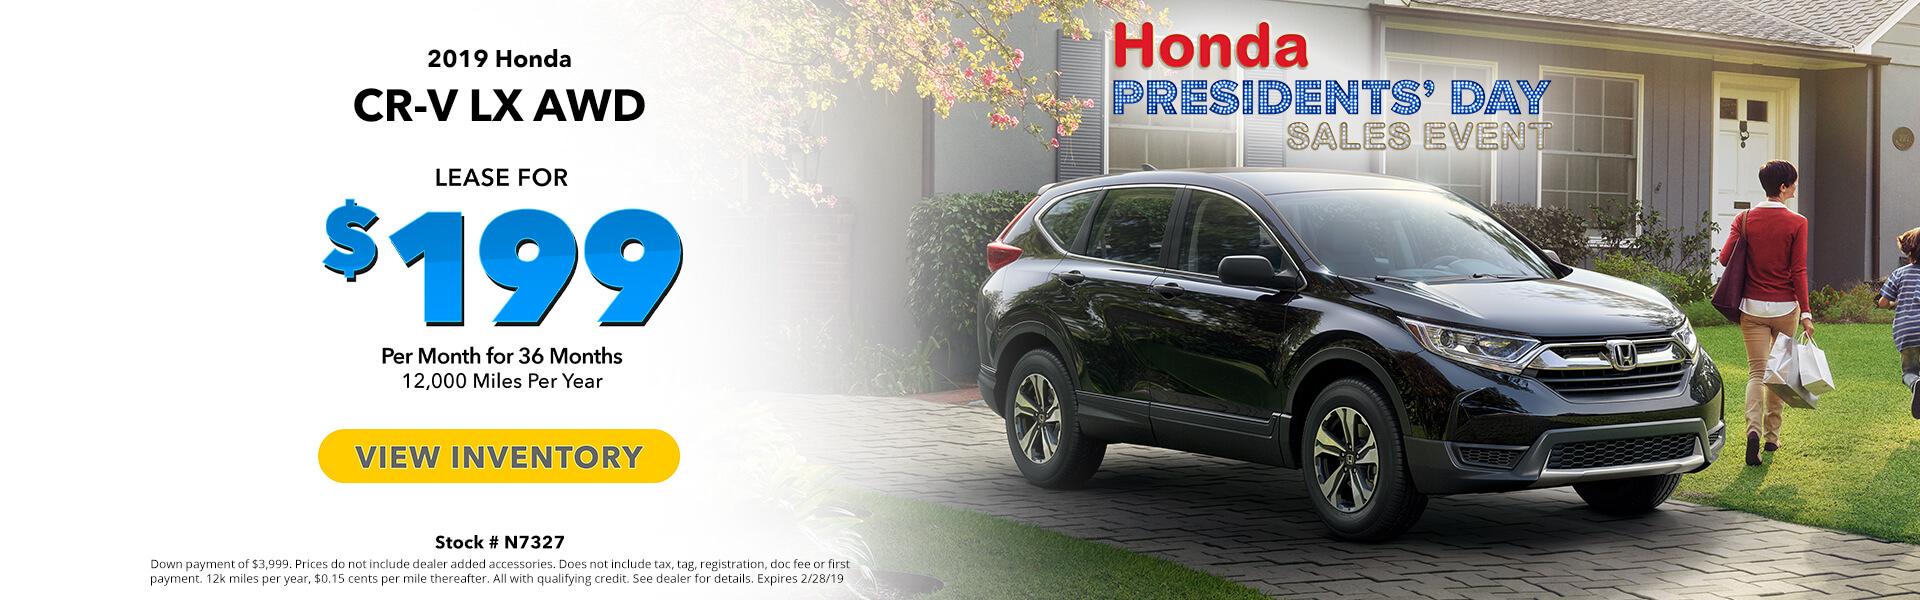 Honda CR- V $199 Lease